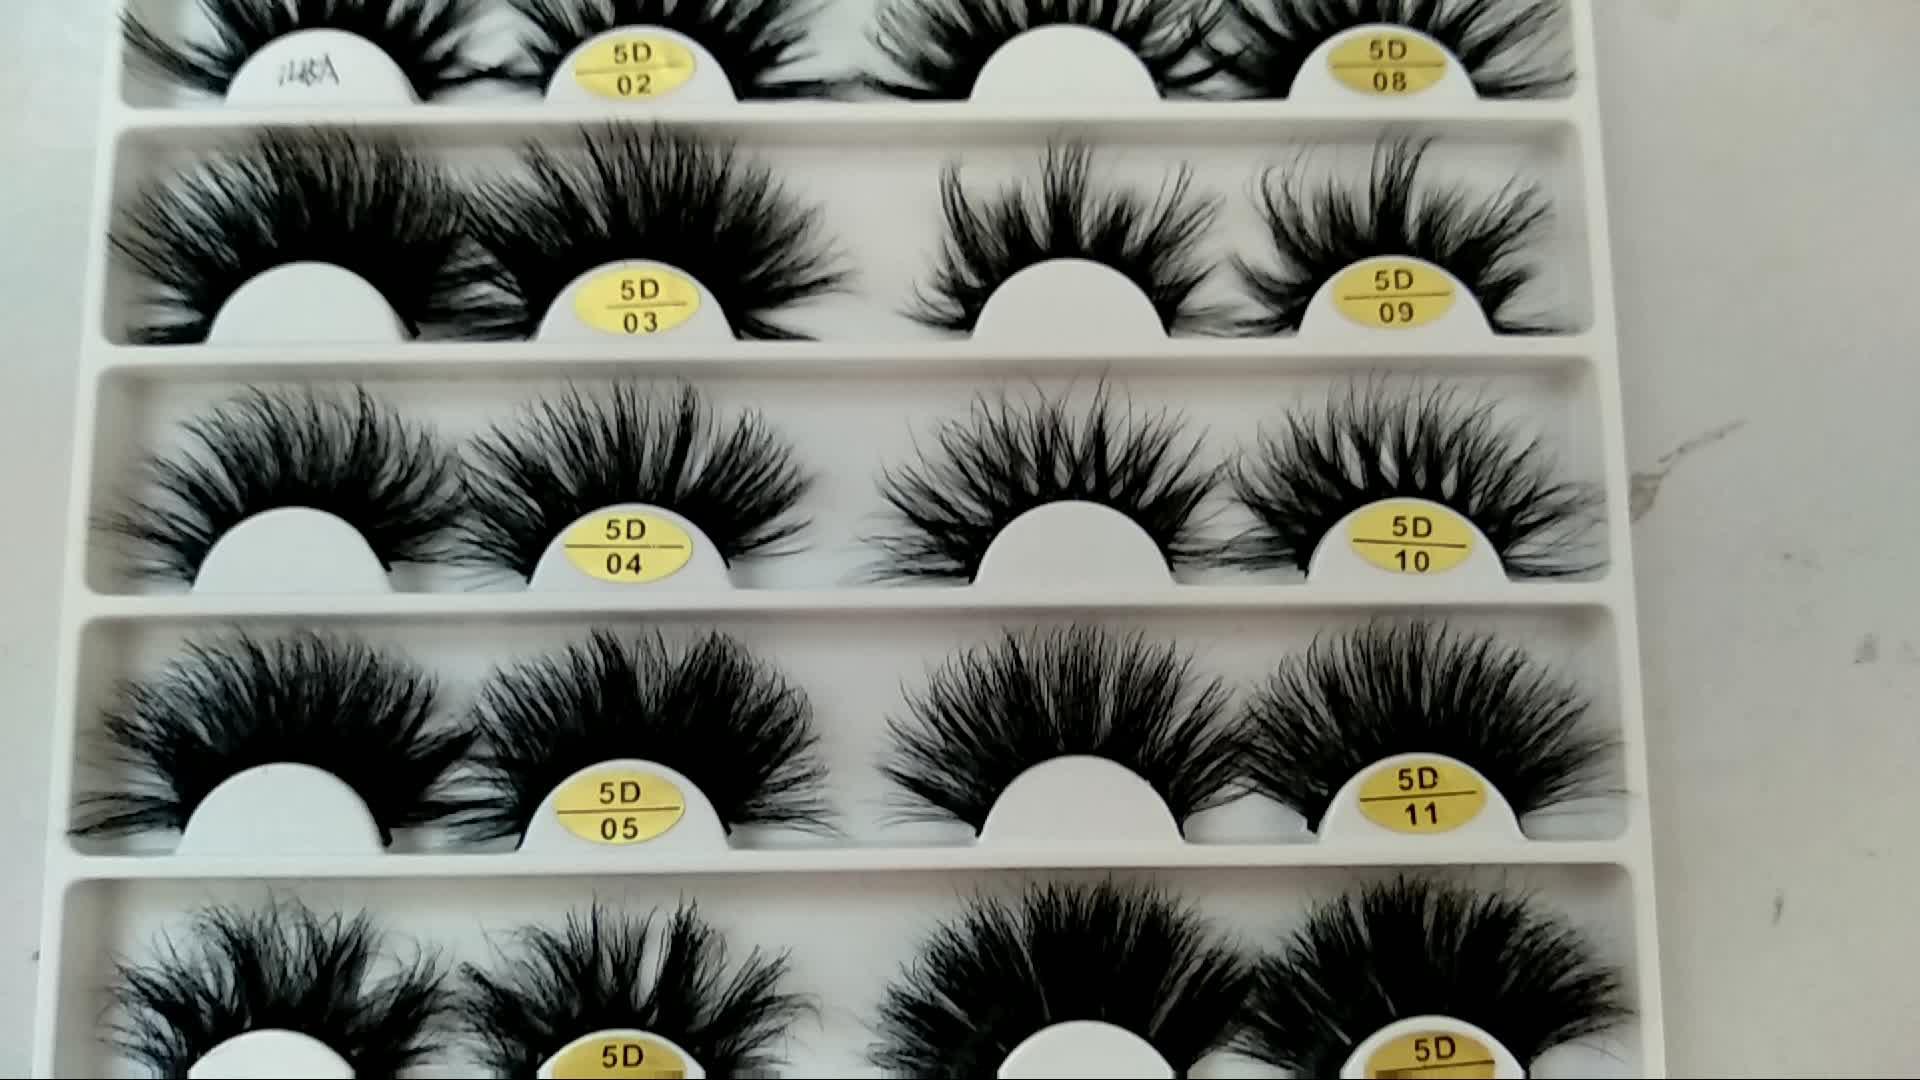 Private label Hot sale high quality real mink fur eyelash 3d mink lashes false eyelash